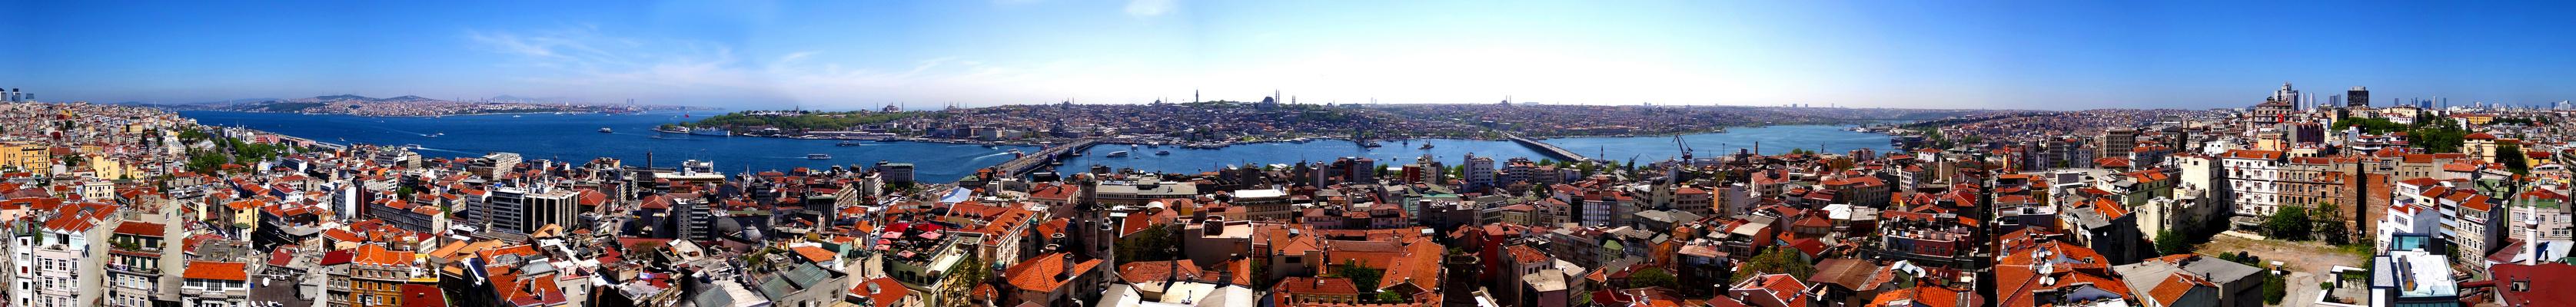 Panaroma - Istanbul